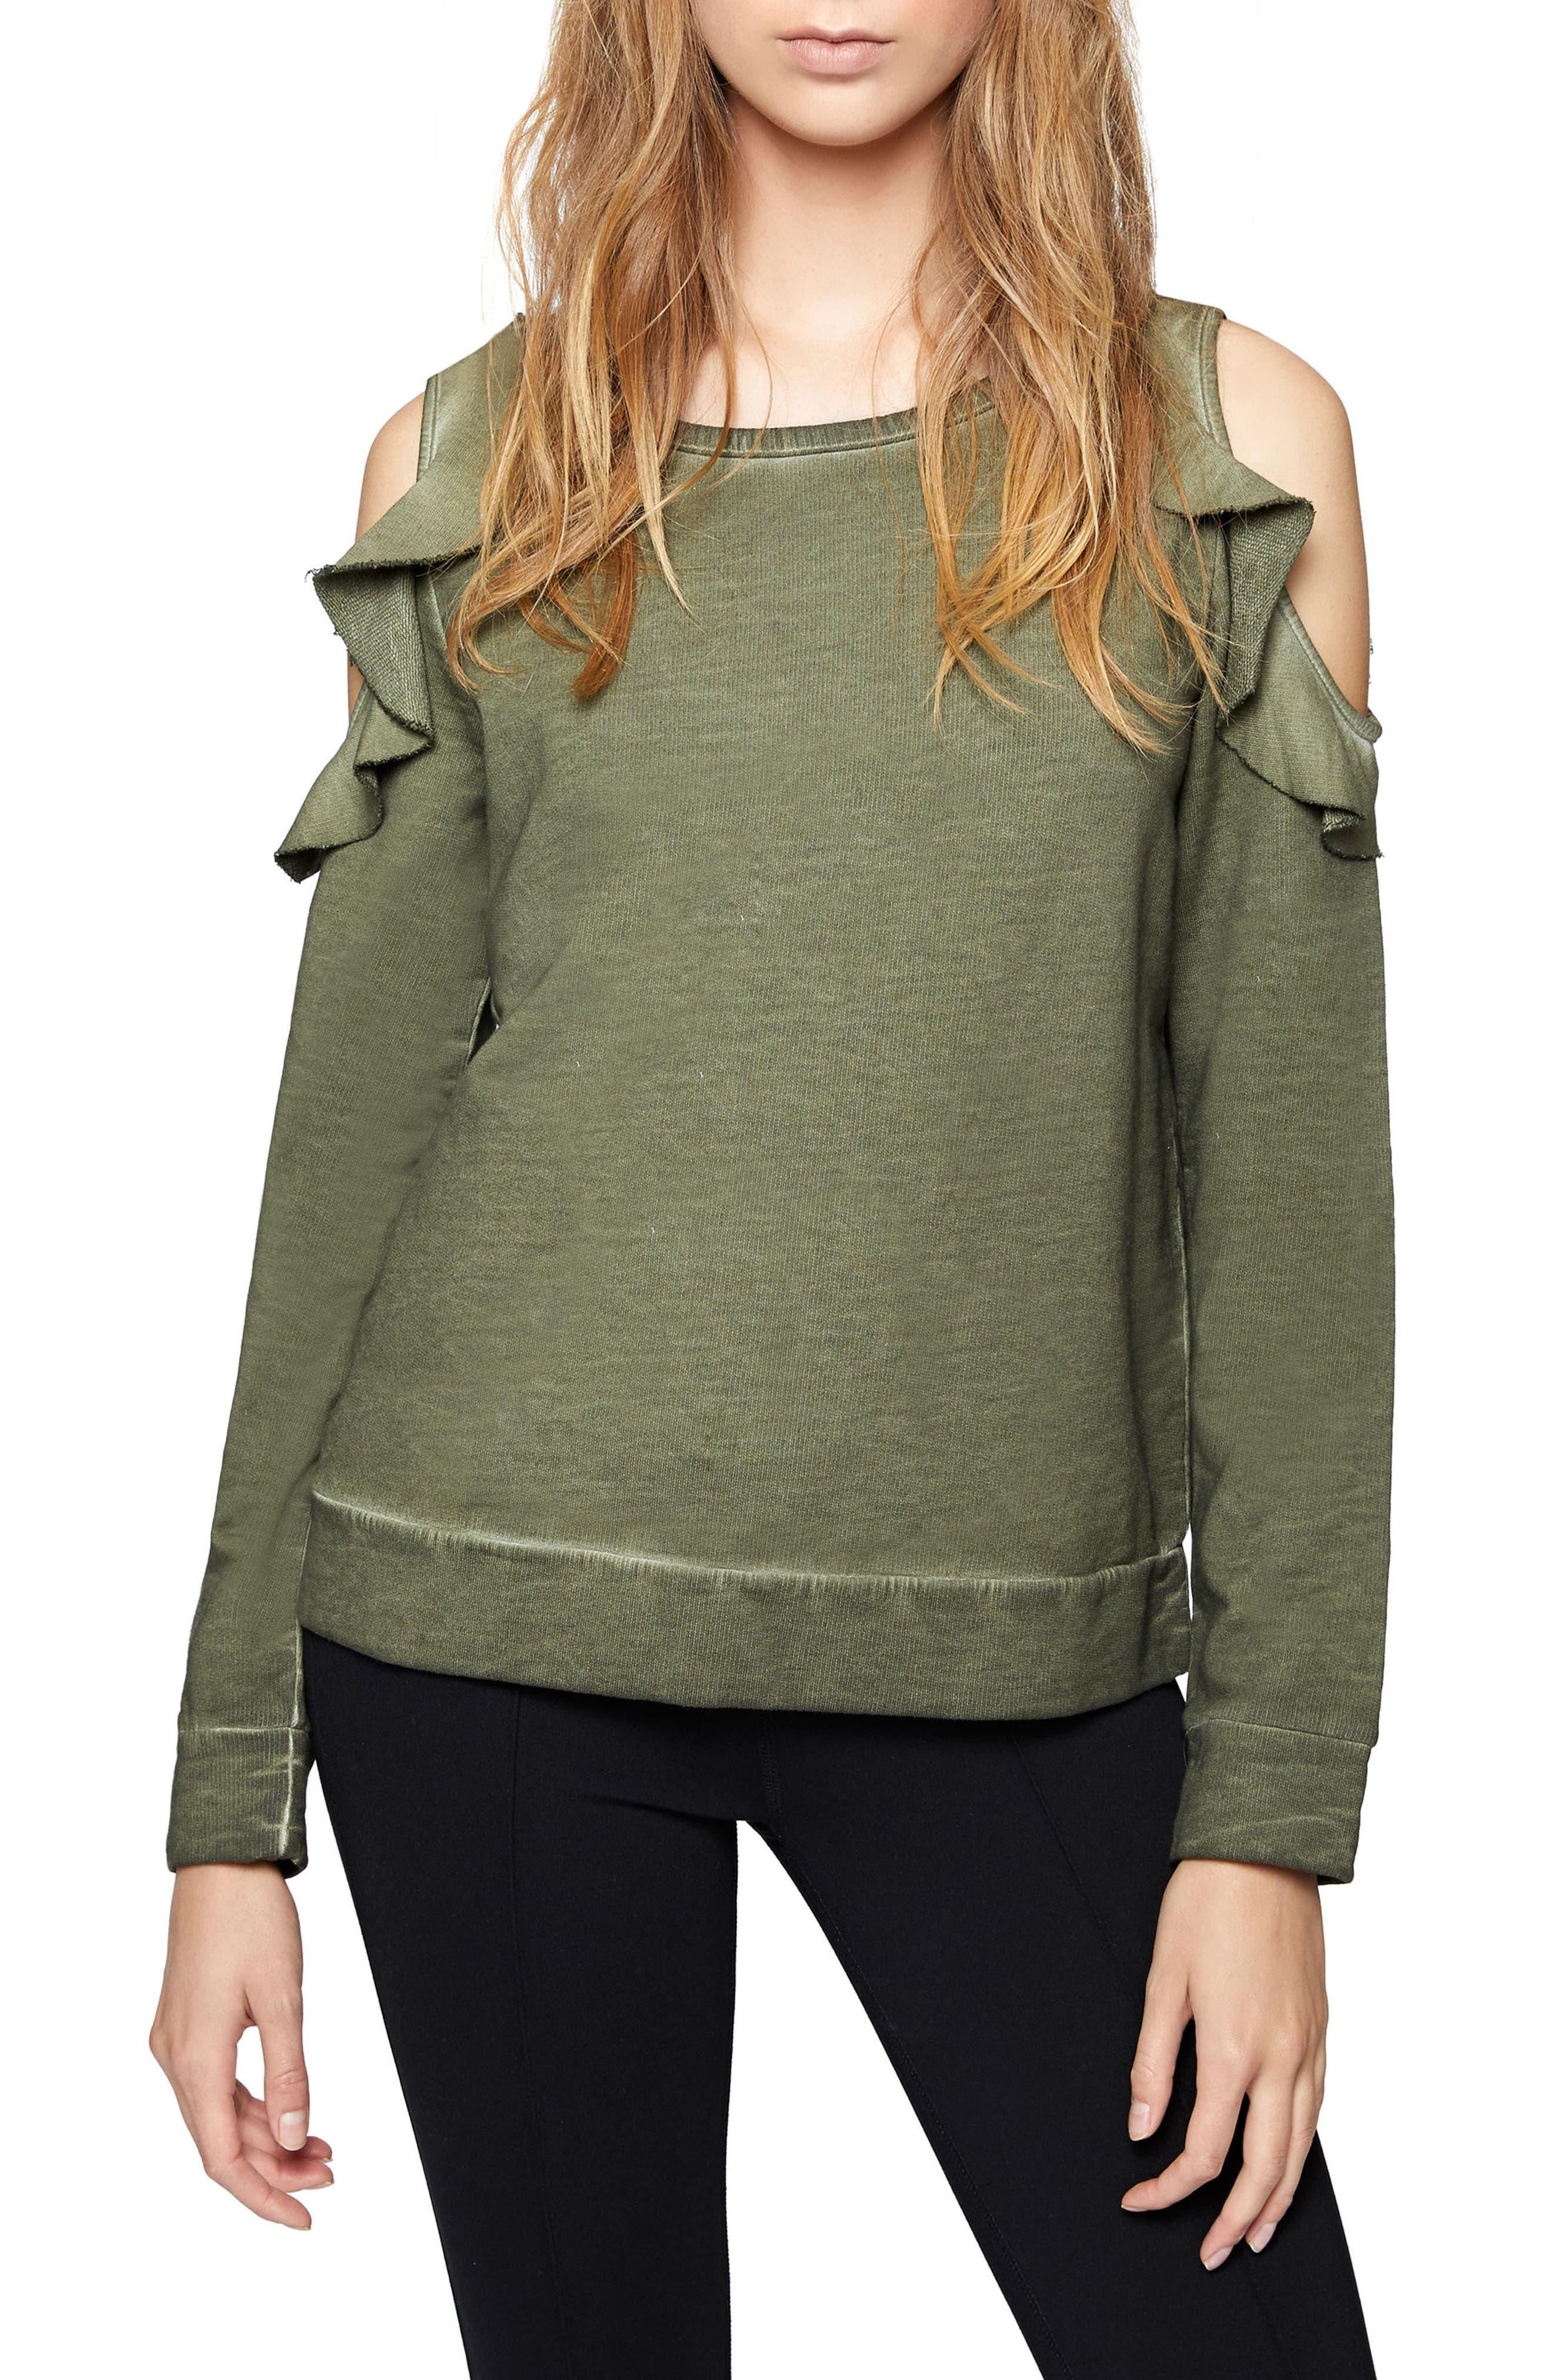 Alternate Image 1 Selected - Sanctuary Ashley Bare Ruffle Sweatshirt